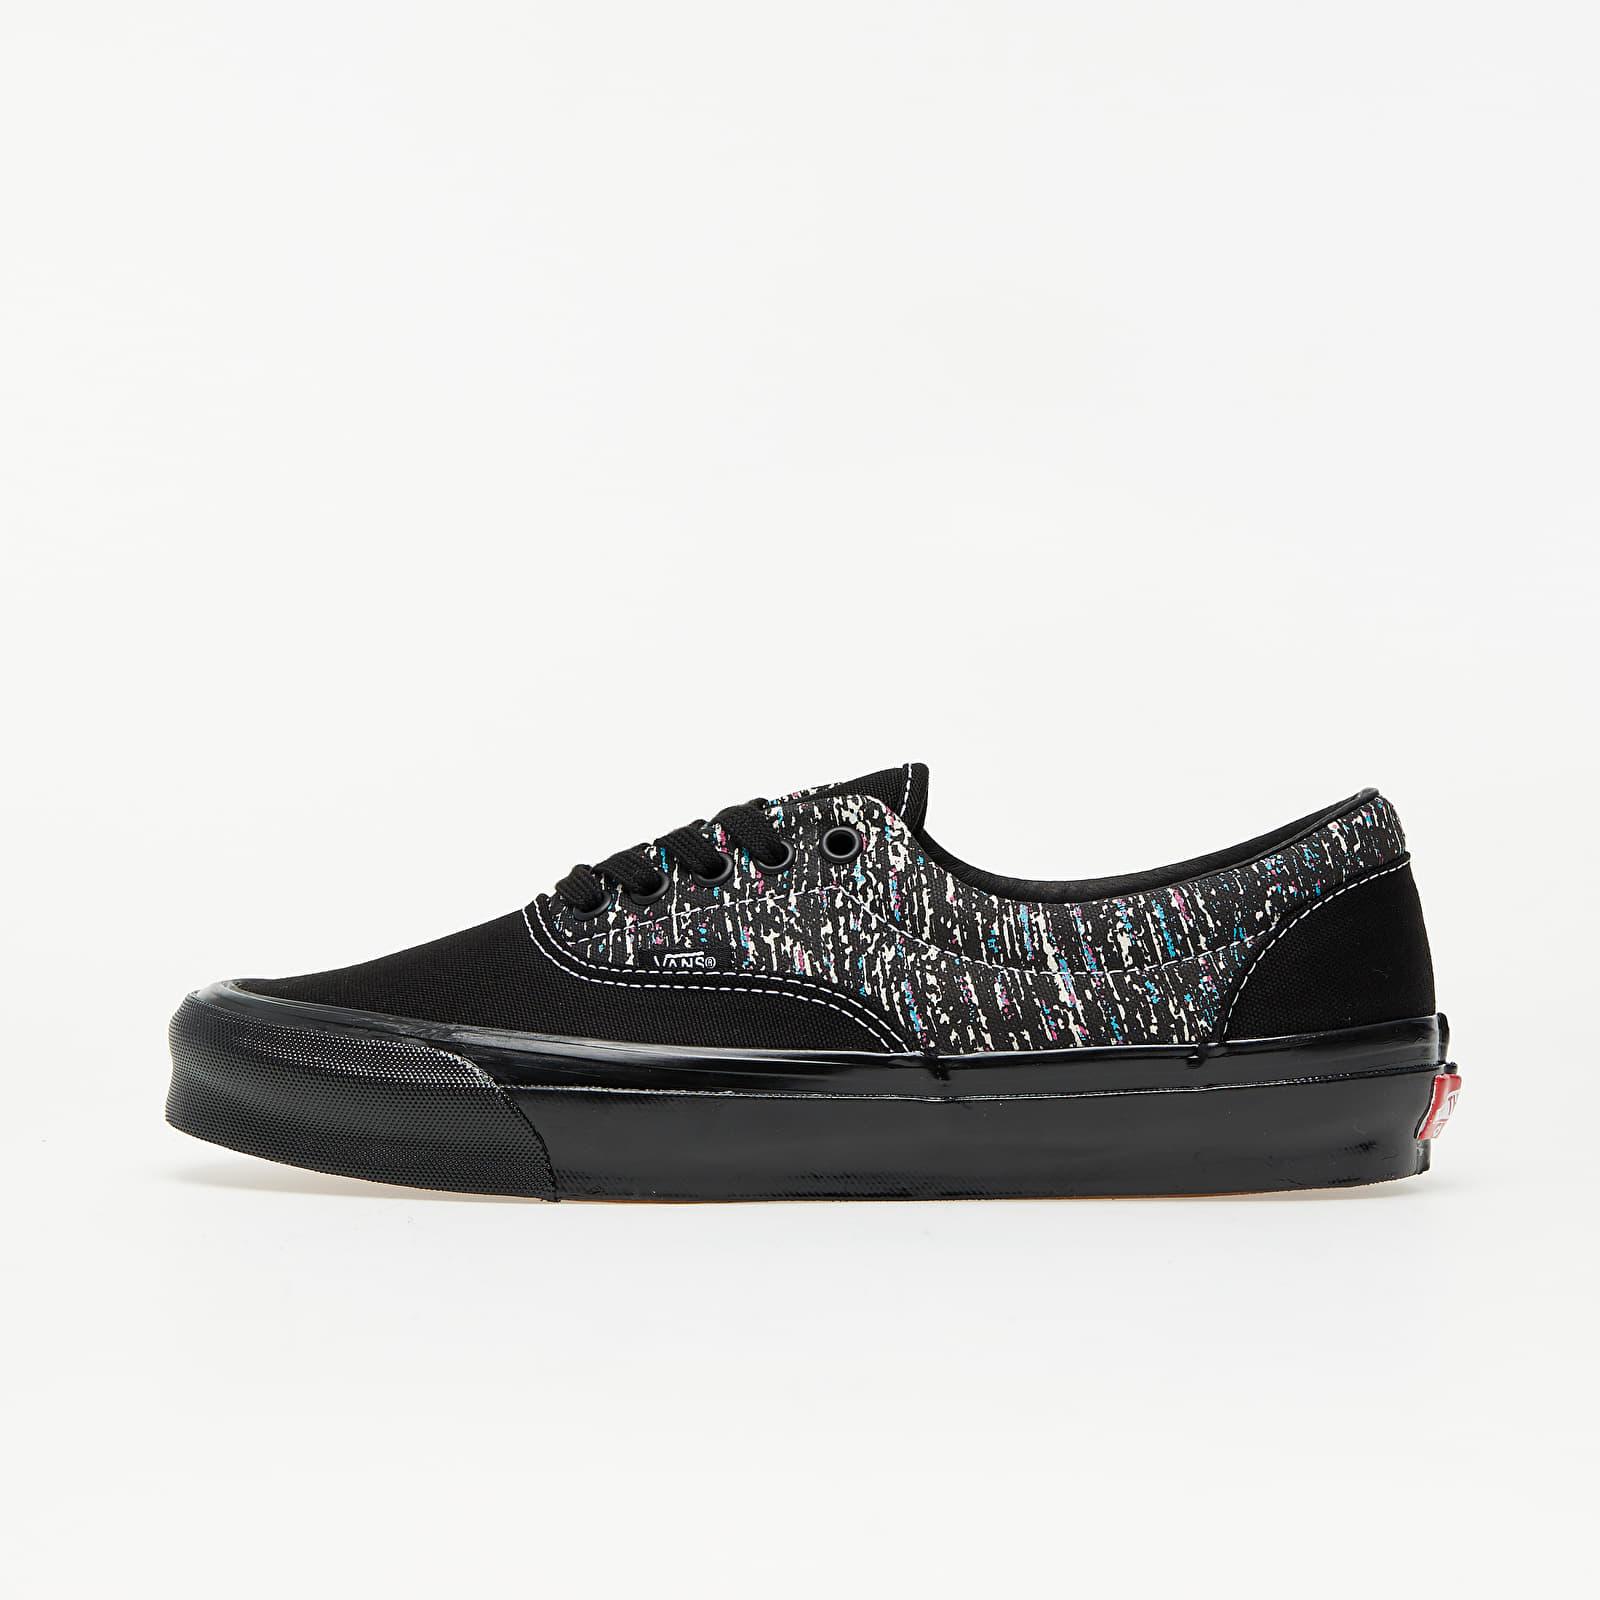 Încălțăminte și sneakerși pentru bărbați Vans OG Era LX (OG Static Print) Black/ Black